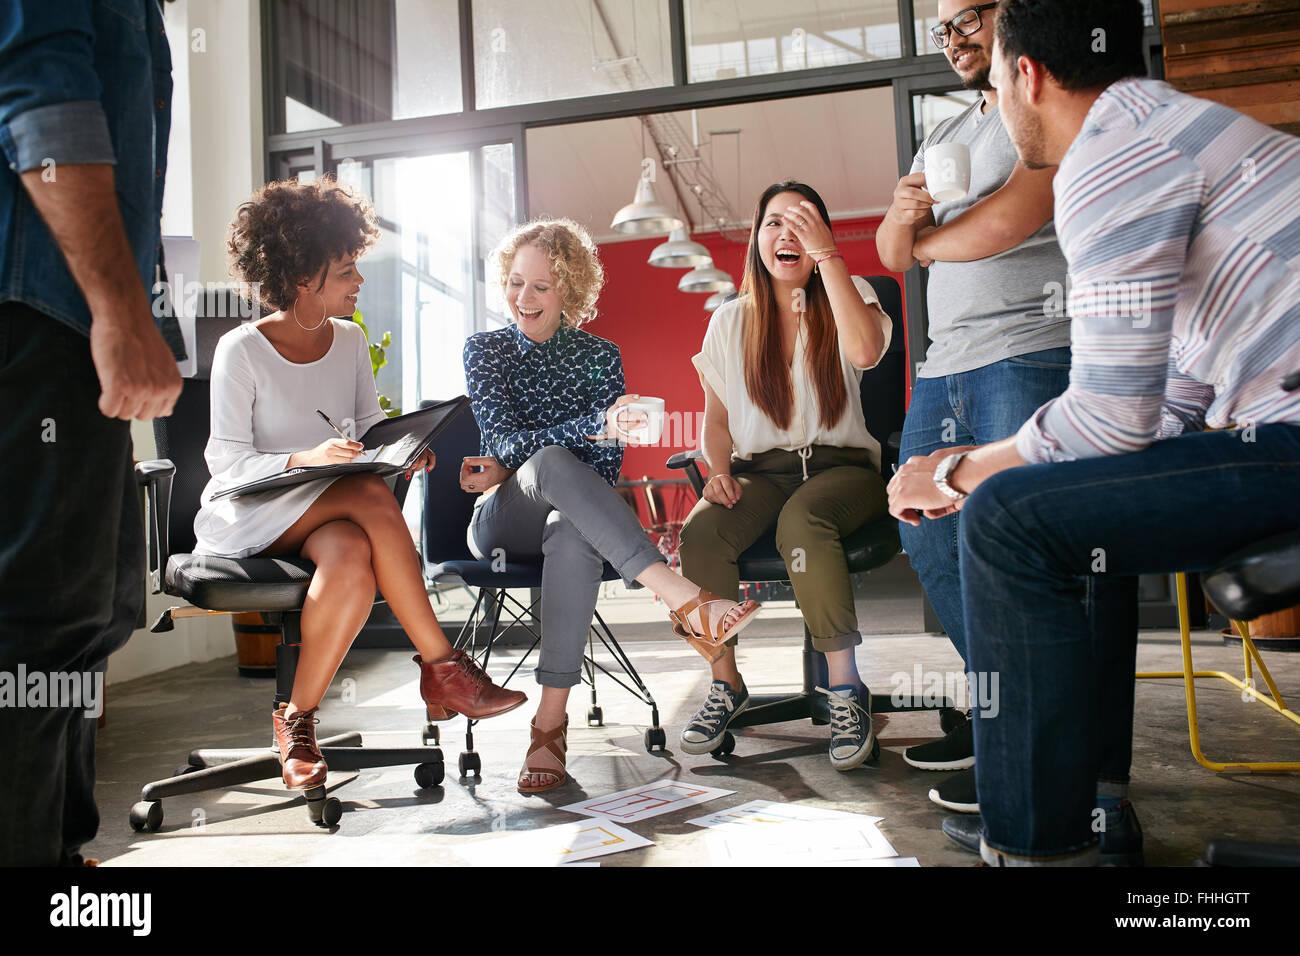 Inquadratura di un gruppo di giovani professionisti di aziende aventi una riunione. Diversi gruppi di giovani designer Foto Stock